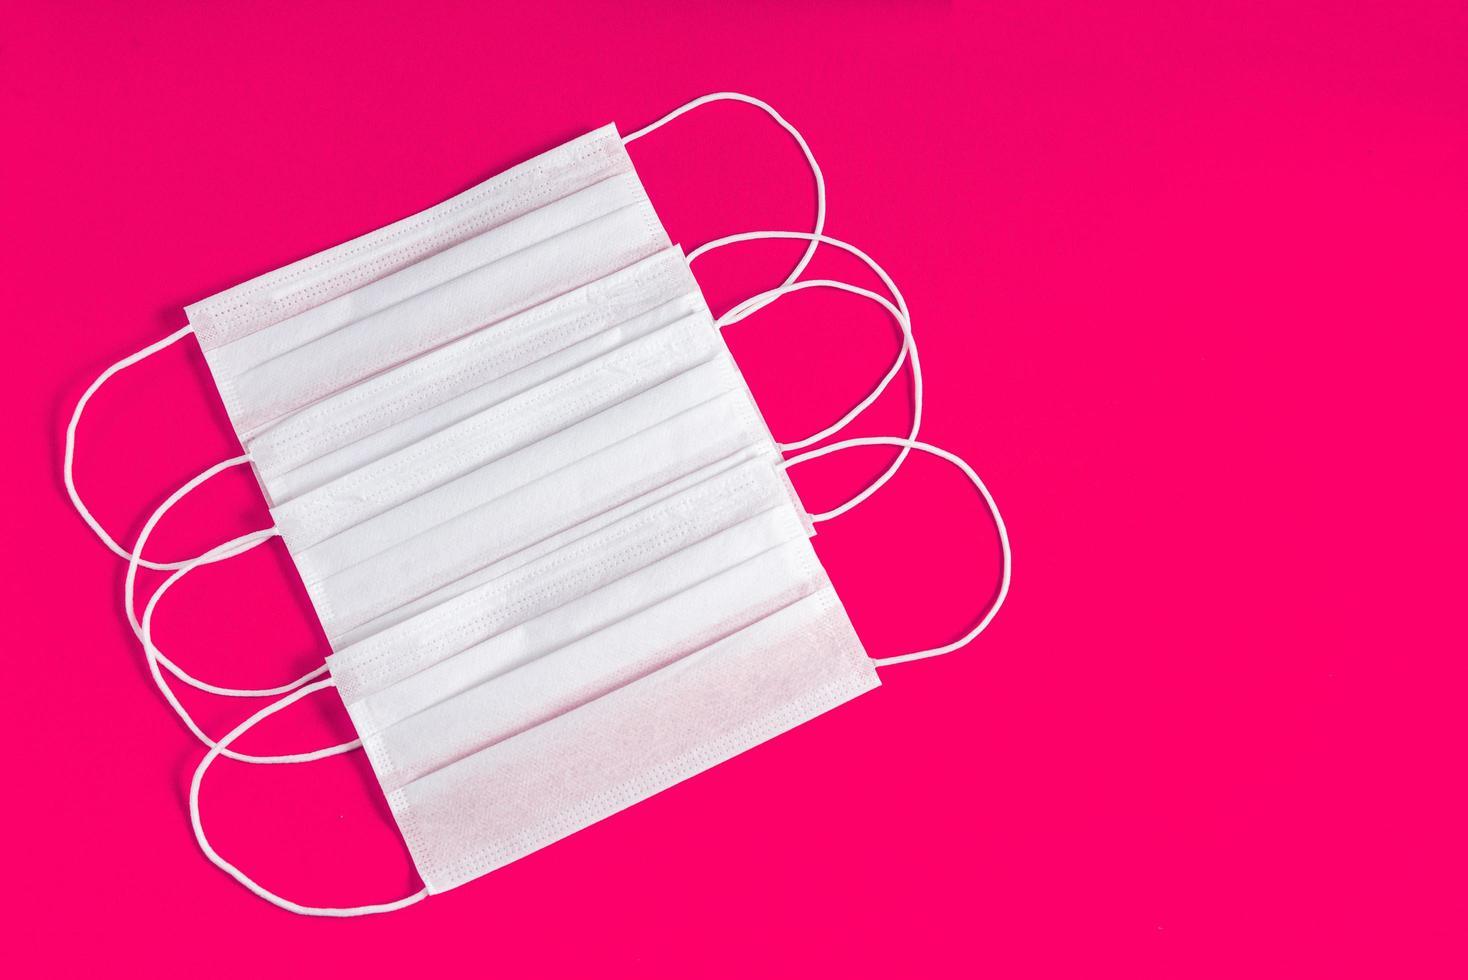 mascarilla quirúrgica sobre fondo rosa minimalista foto